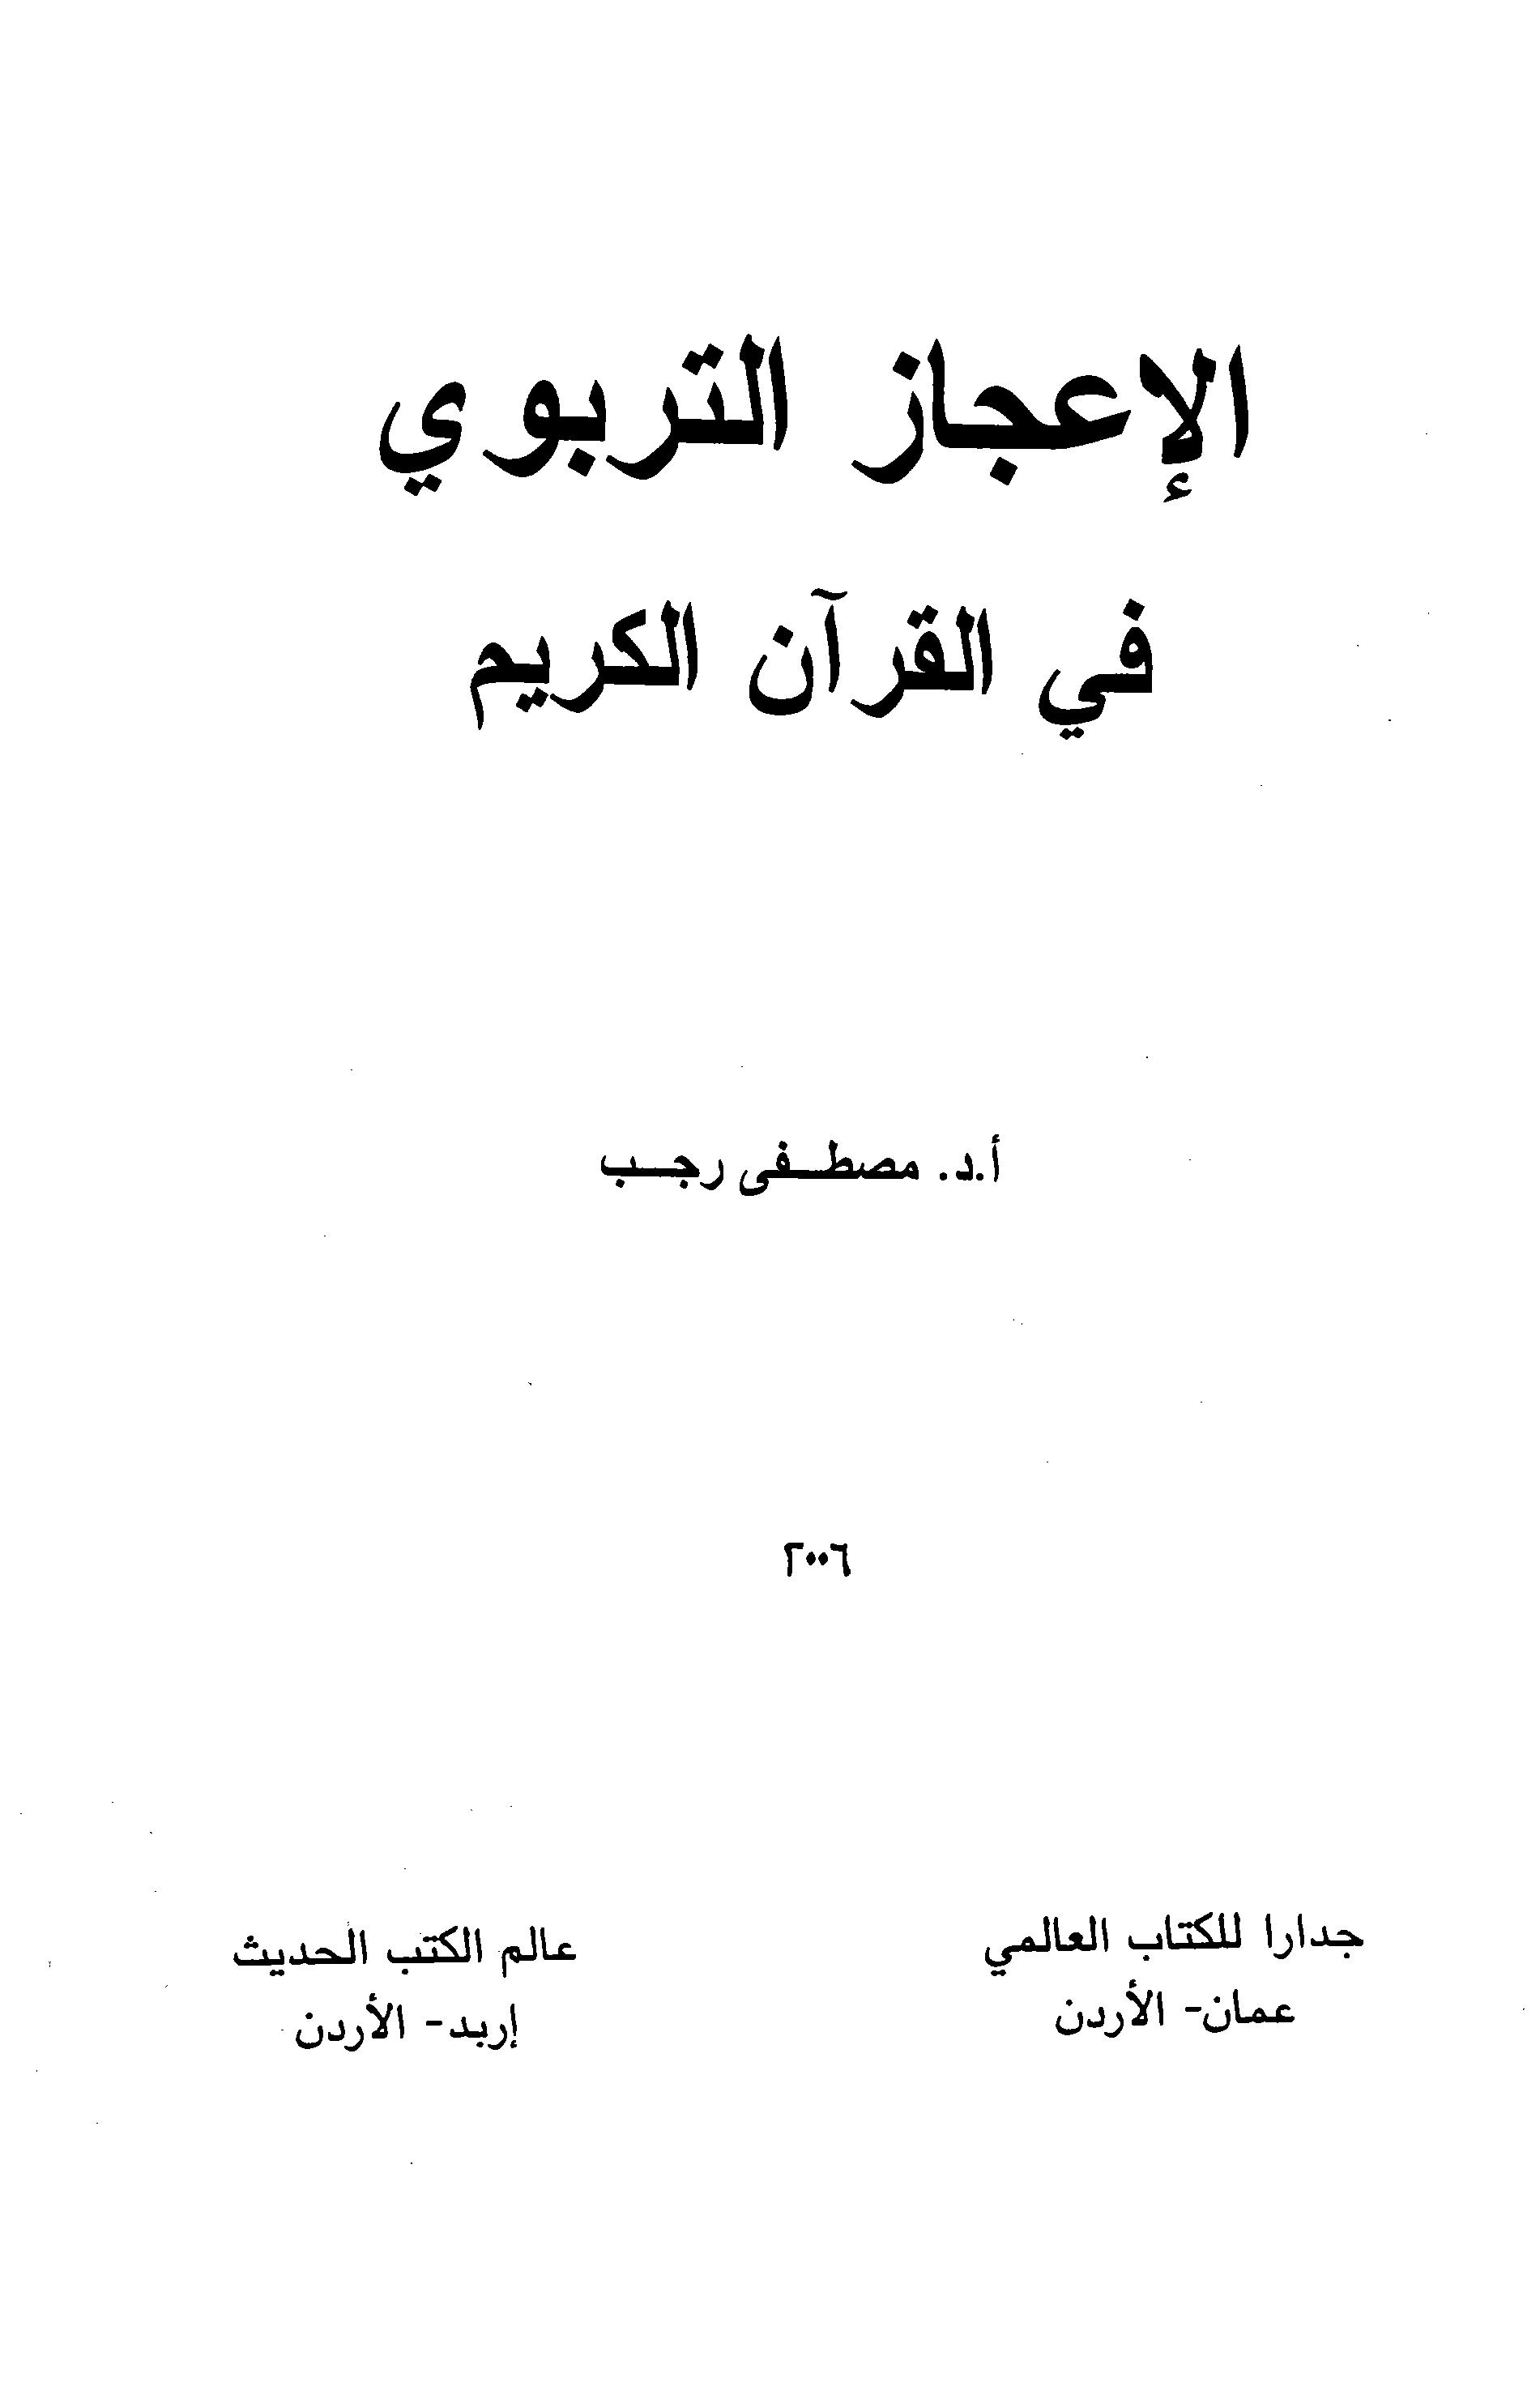 تحميل كتاب الإعجاز التربوي في القرآن الكريم لـِ: الدكتور مصطفى رجب